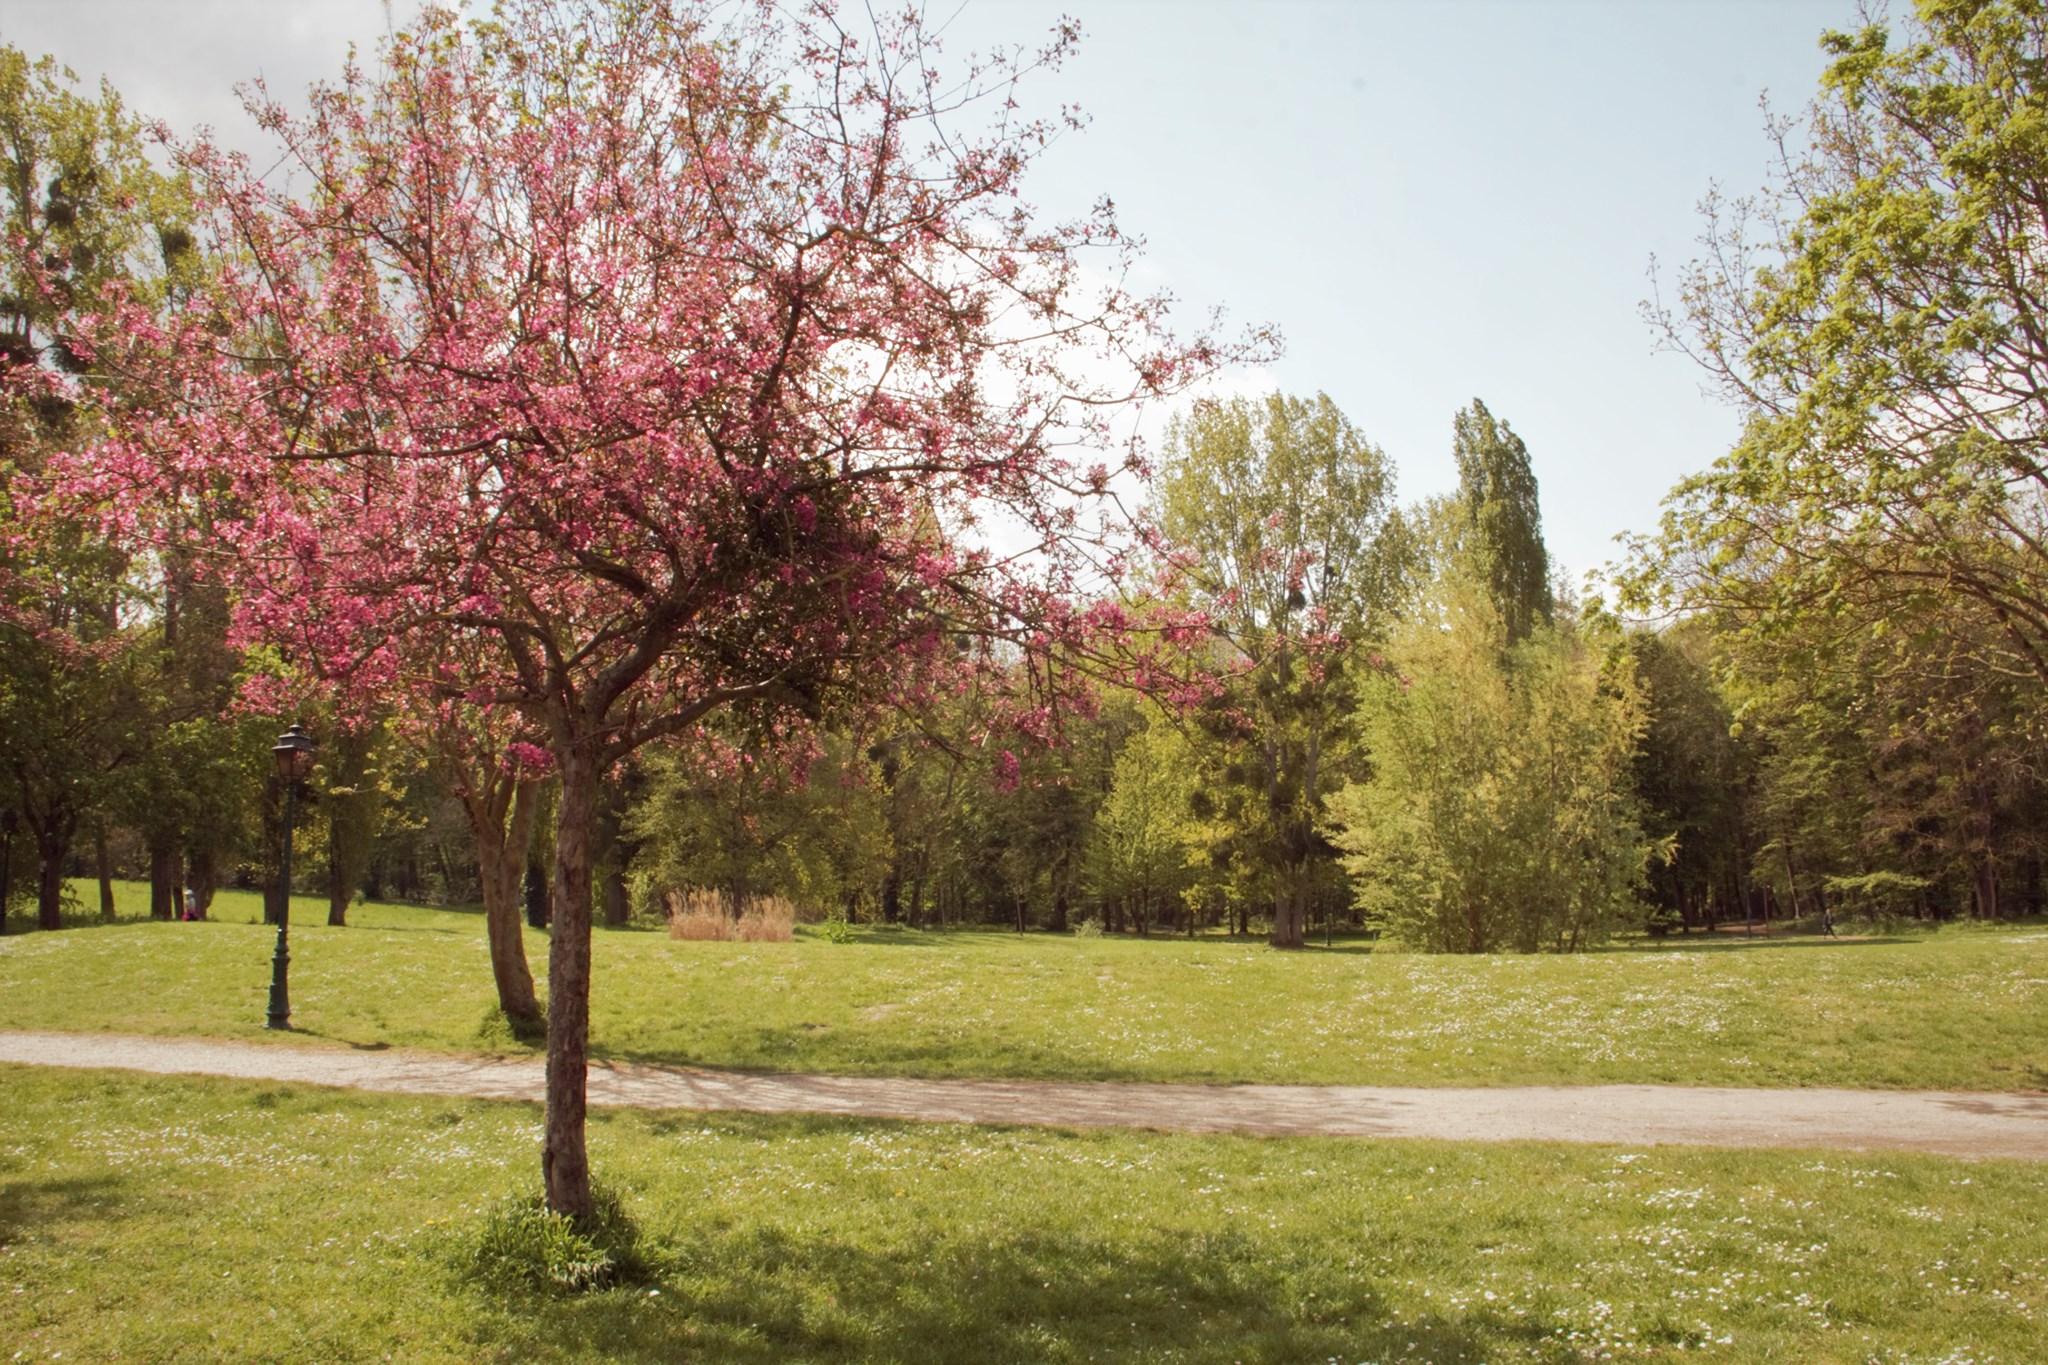 Bois des éboulures à Franconville (mai 2021 - photo de Patrick Danielou)